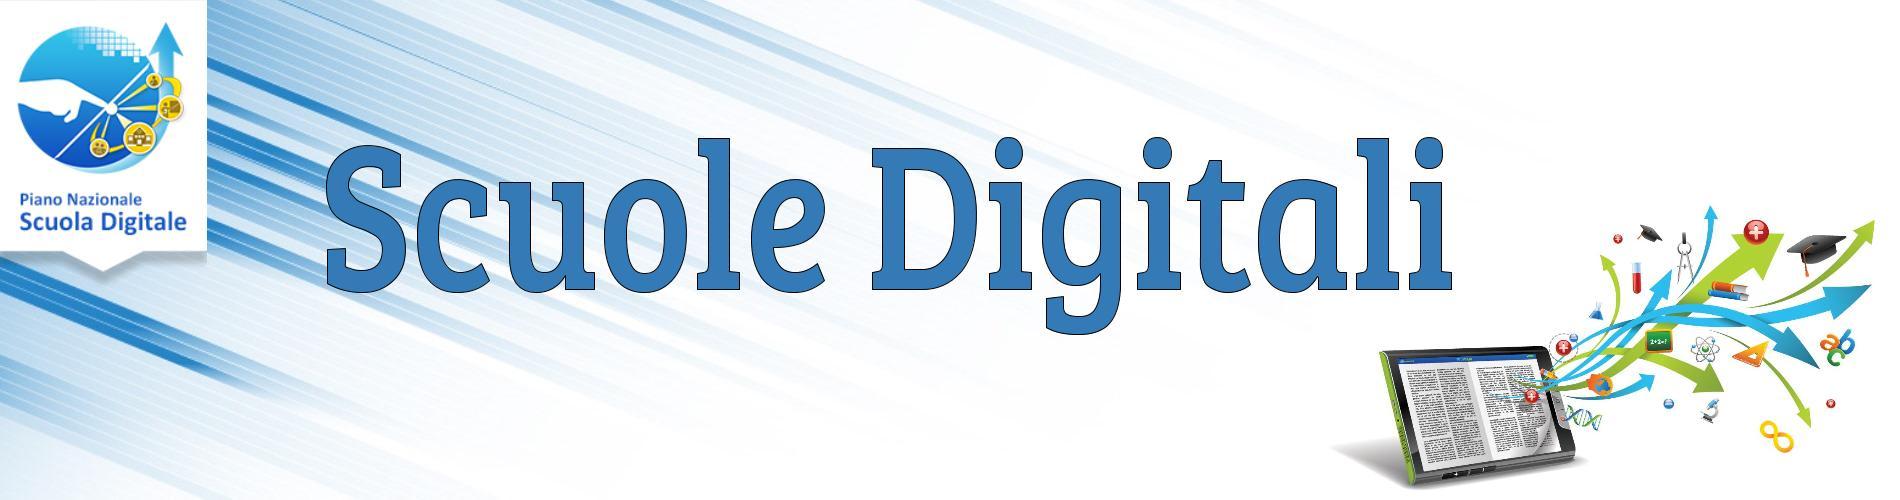 Scuole Digitali